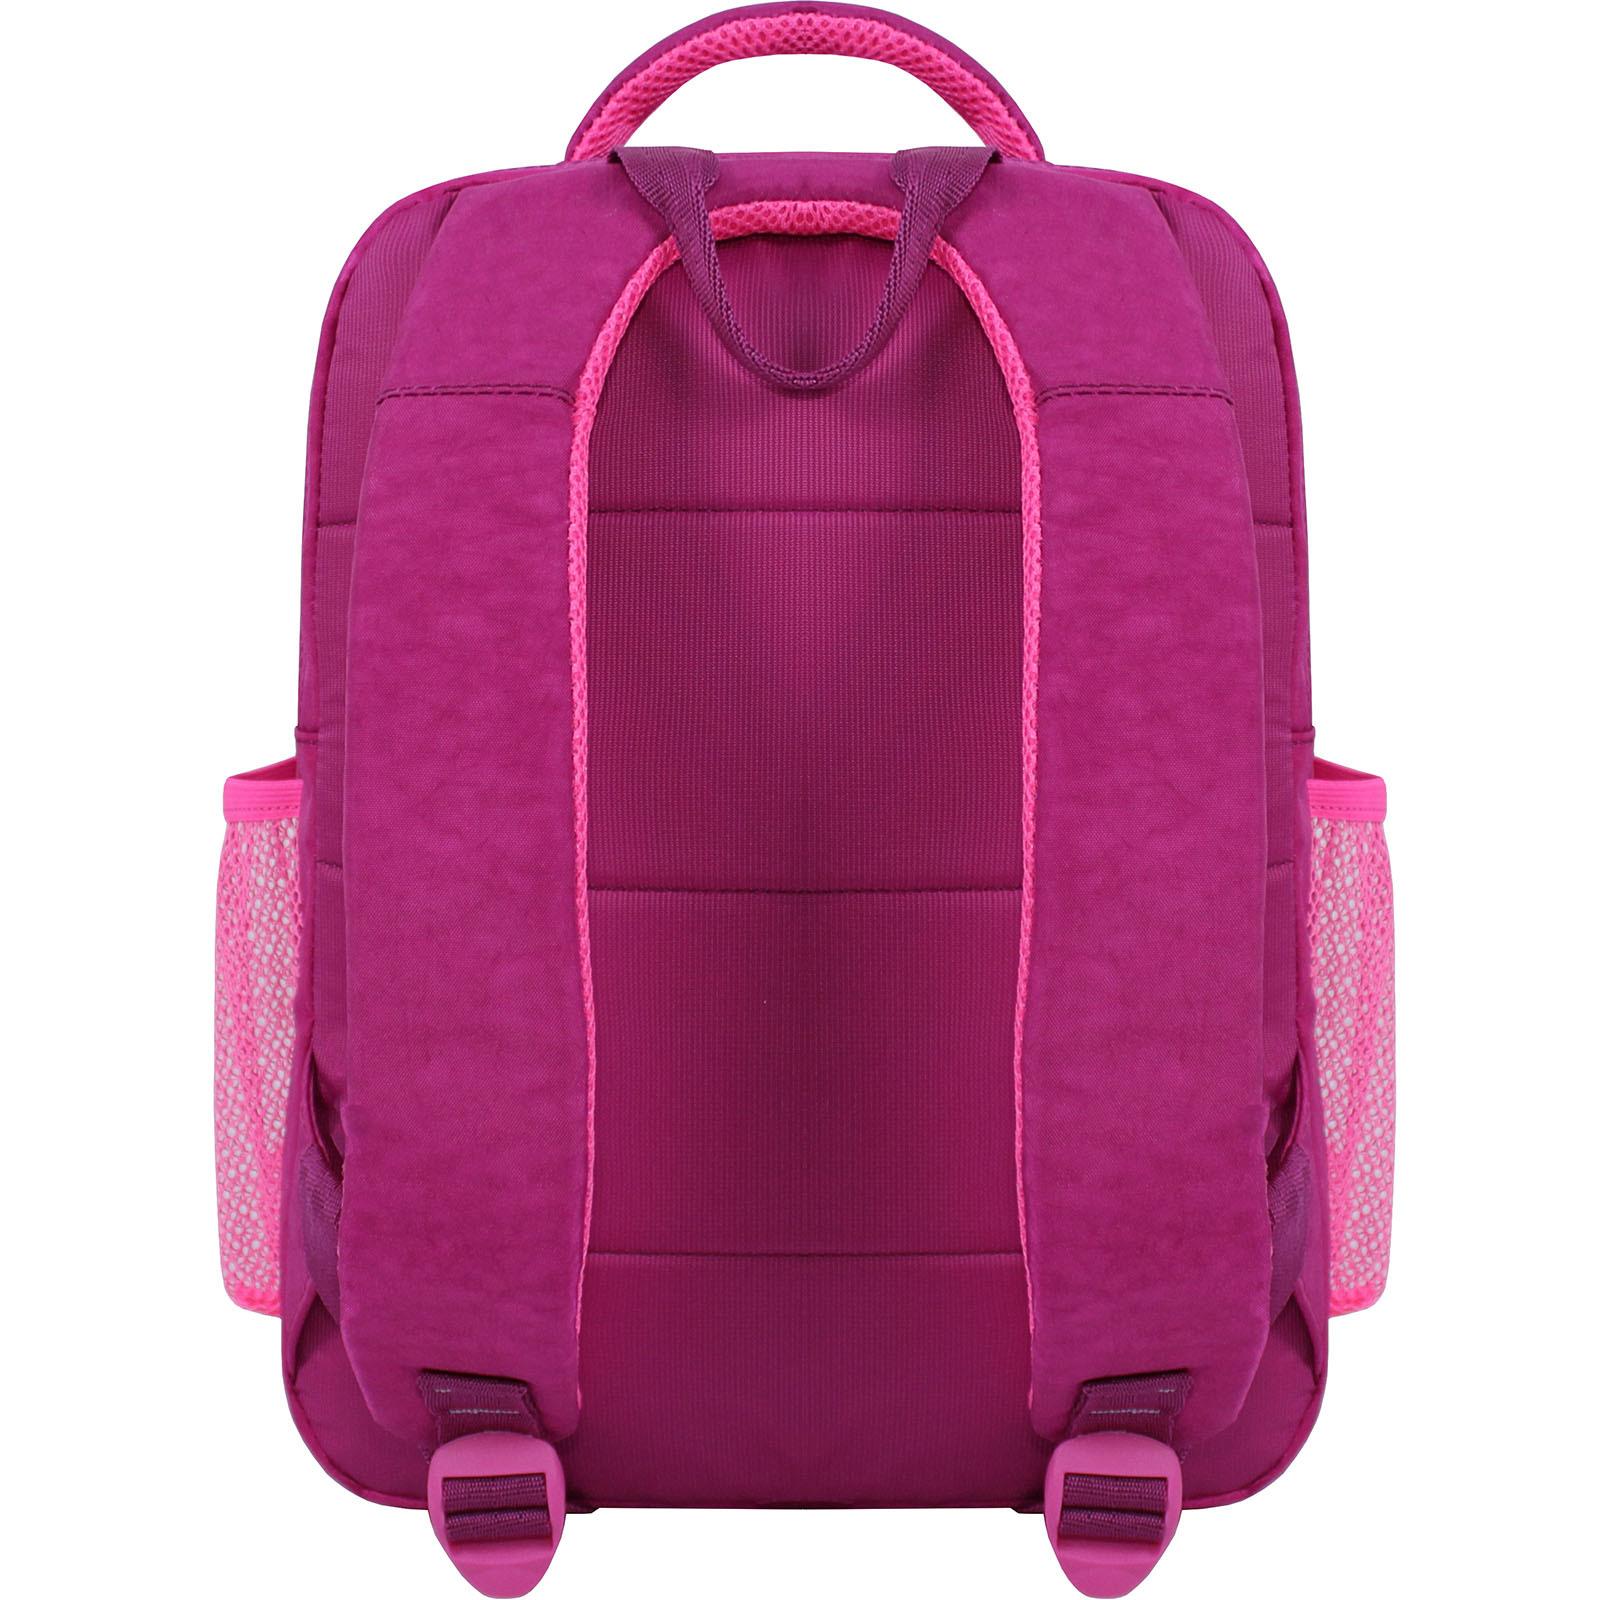 Рюкзак школьный Bagland Школьник 8 л. 143 малина 515 (00112702) фото 3